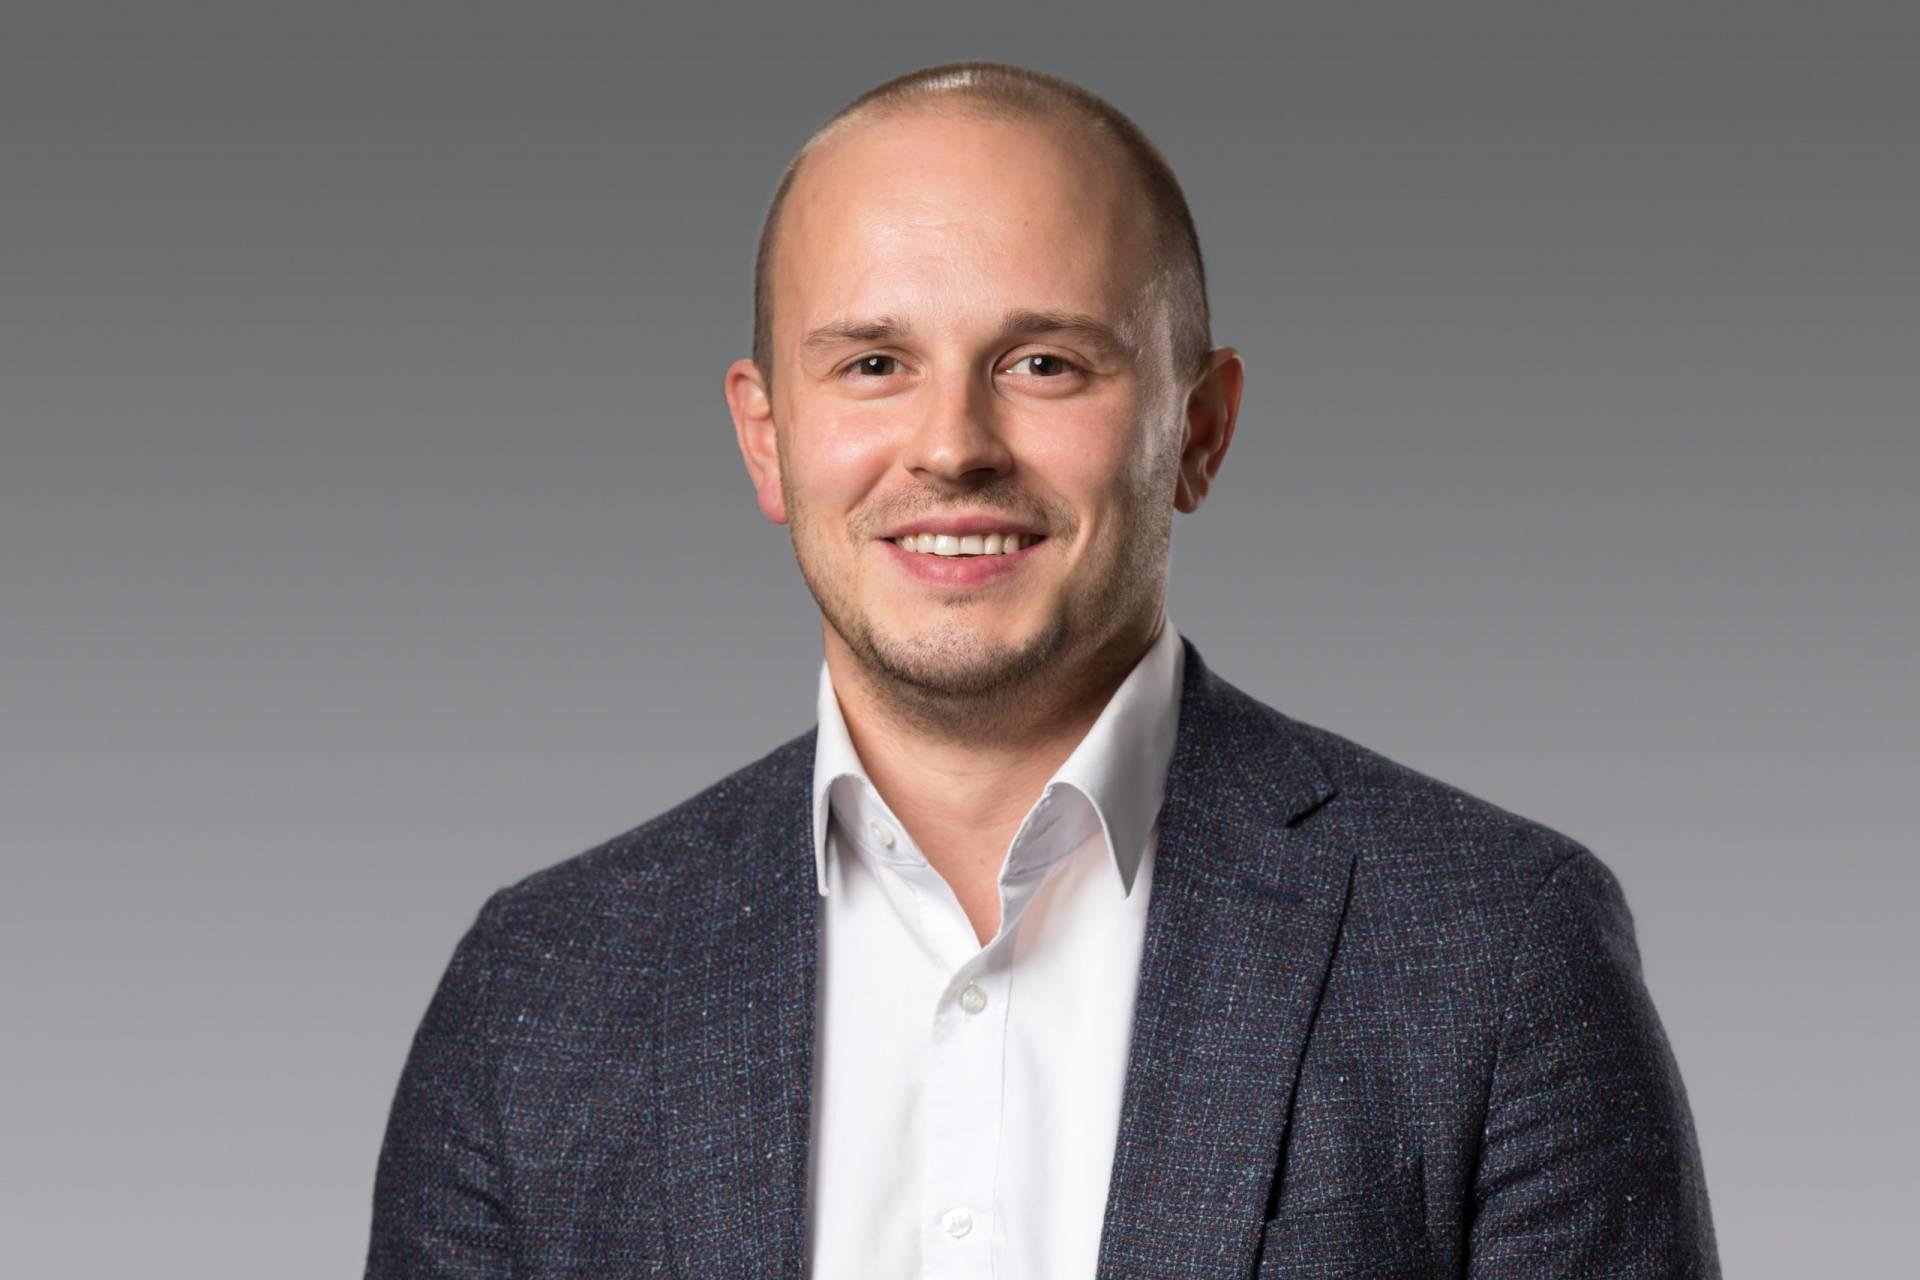 Carsten Pfullinger